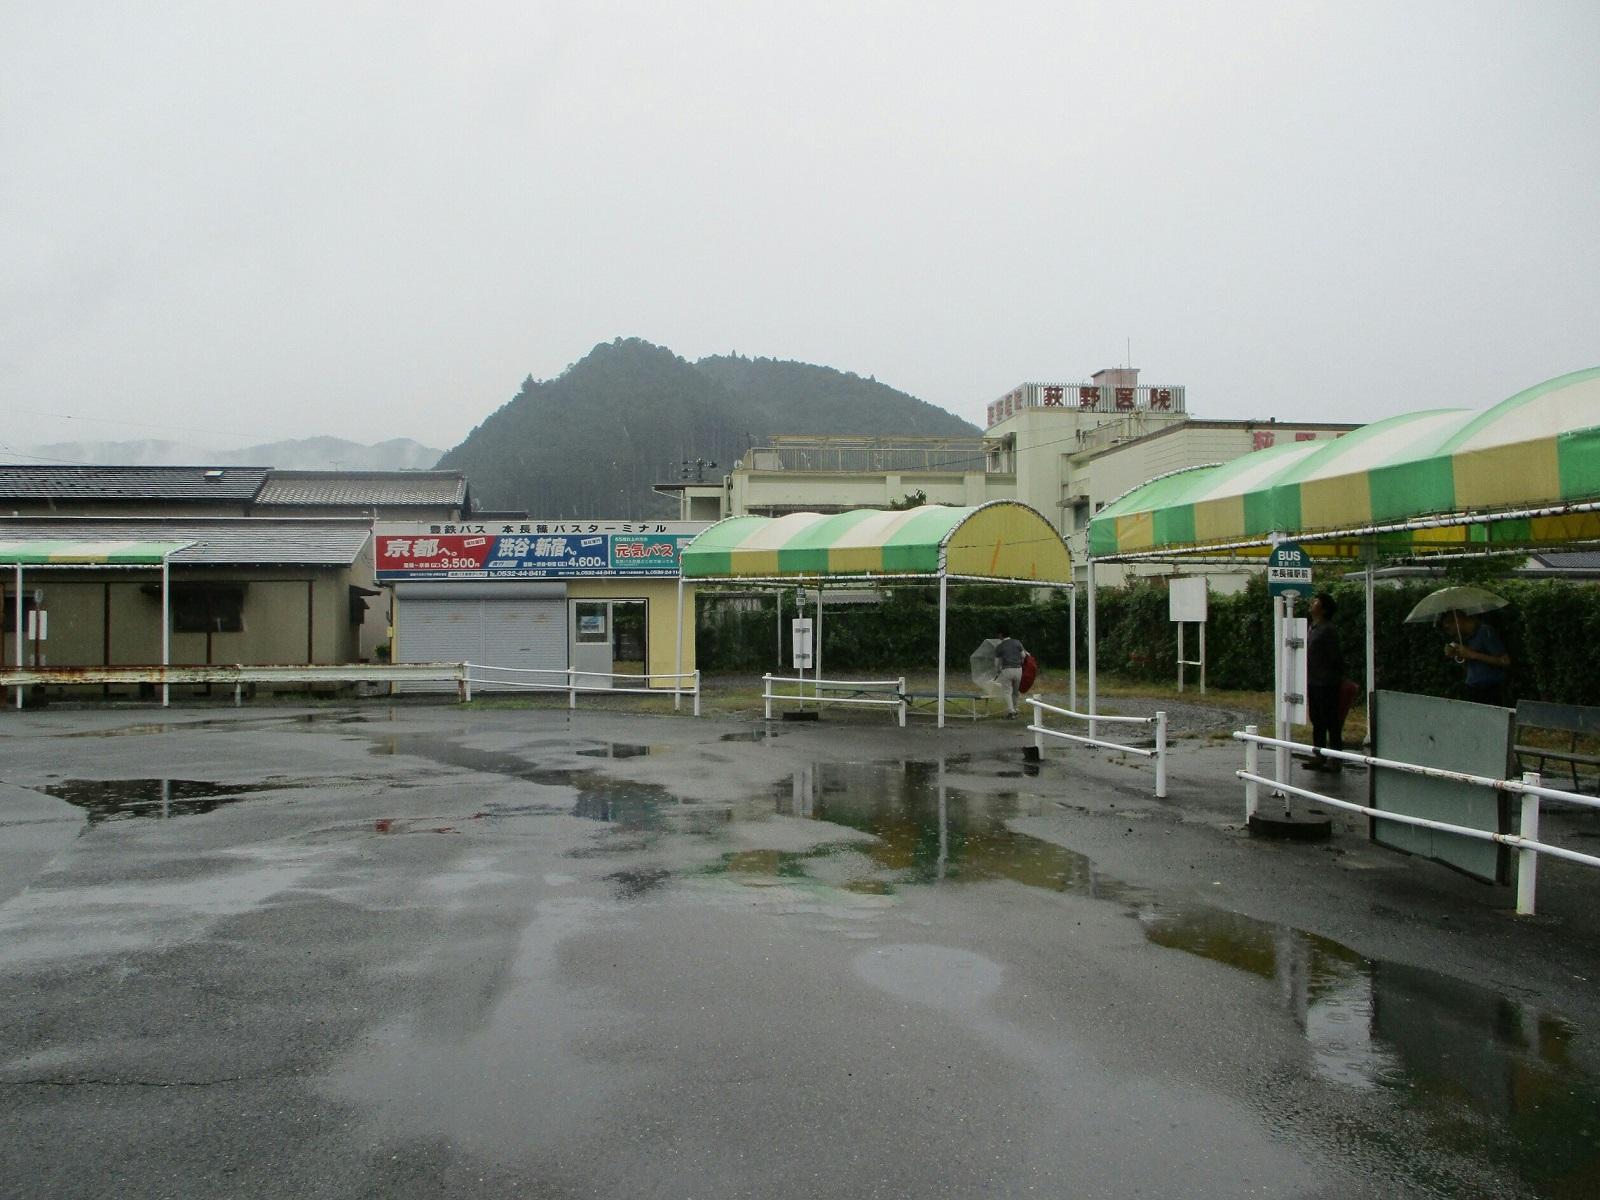 2018.9.20 (22) 豊鉄バス - 本長篠バスターミナル 1600-1200